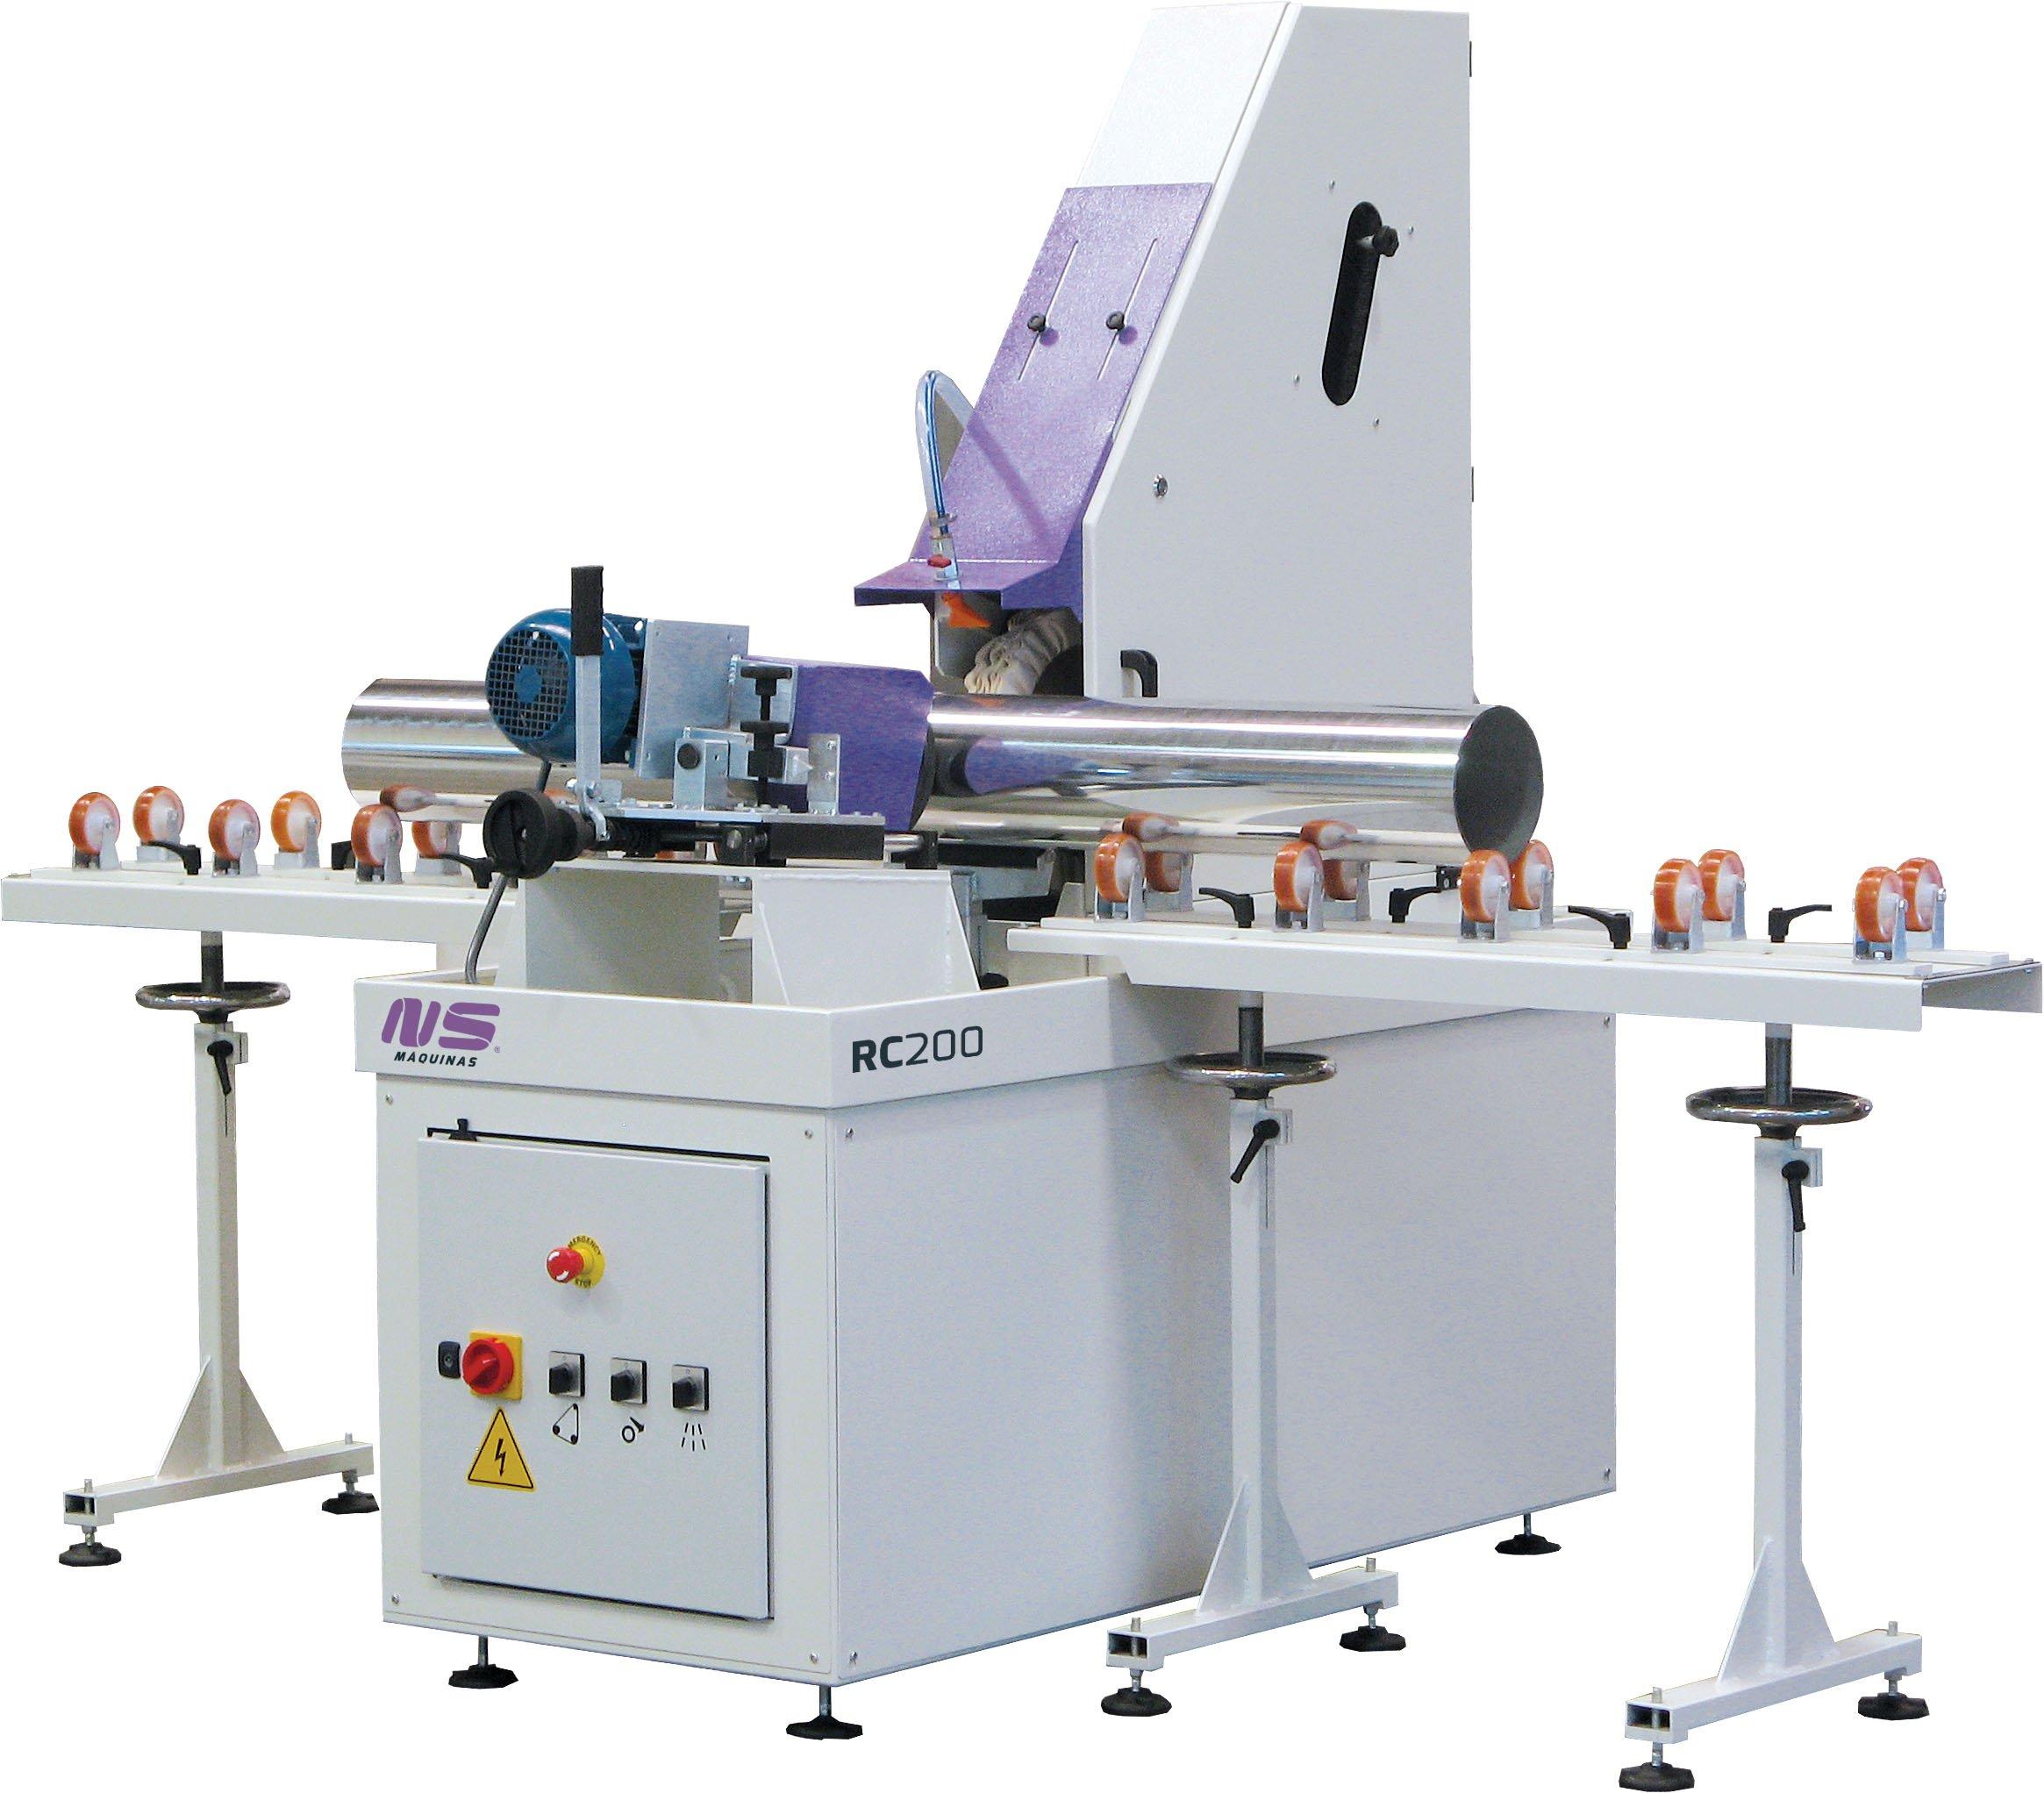 Mirror Polishing Machines - RC200